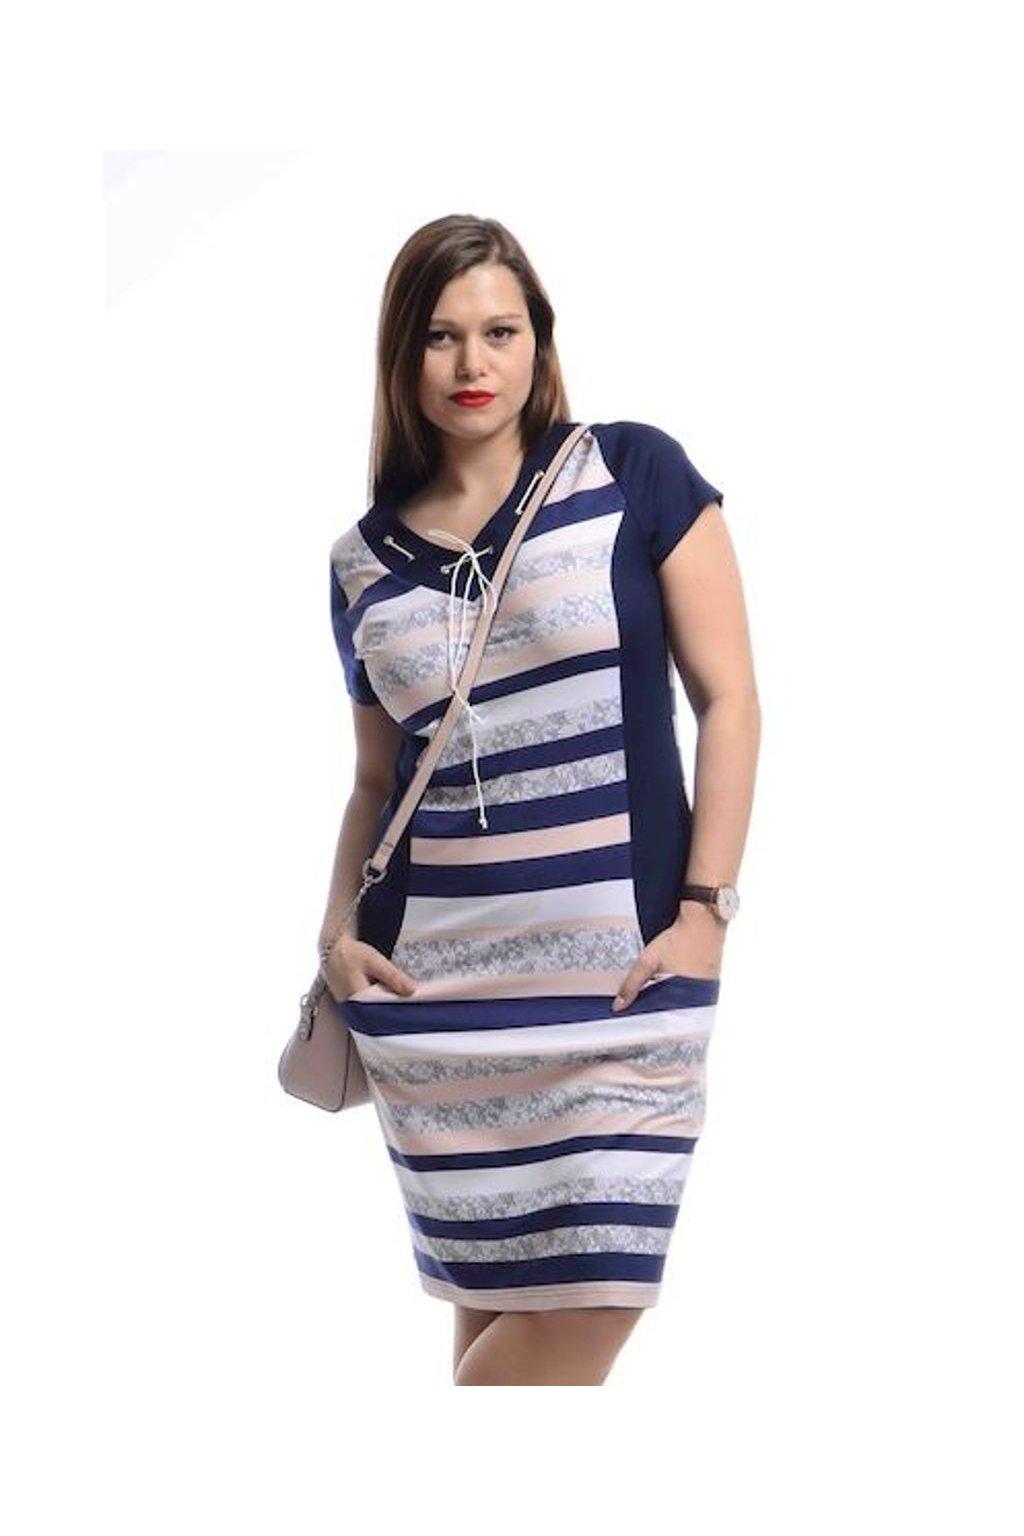 5420 Šaty šněrování (Velikost 36, Barva Vzorovaná)